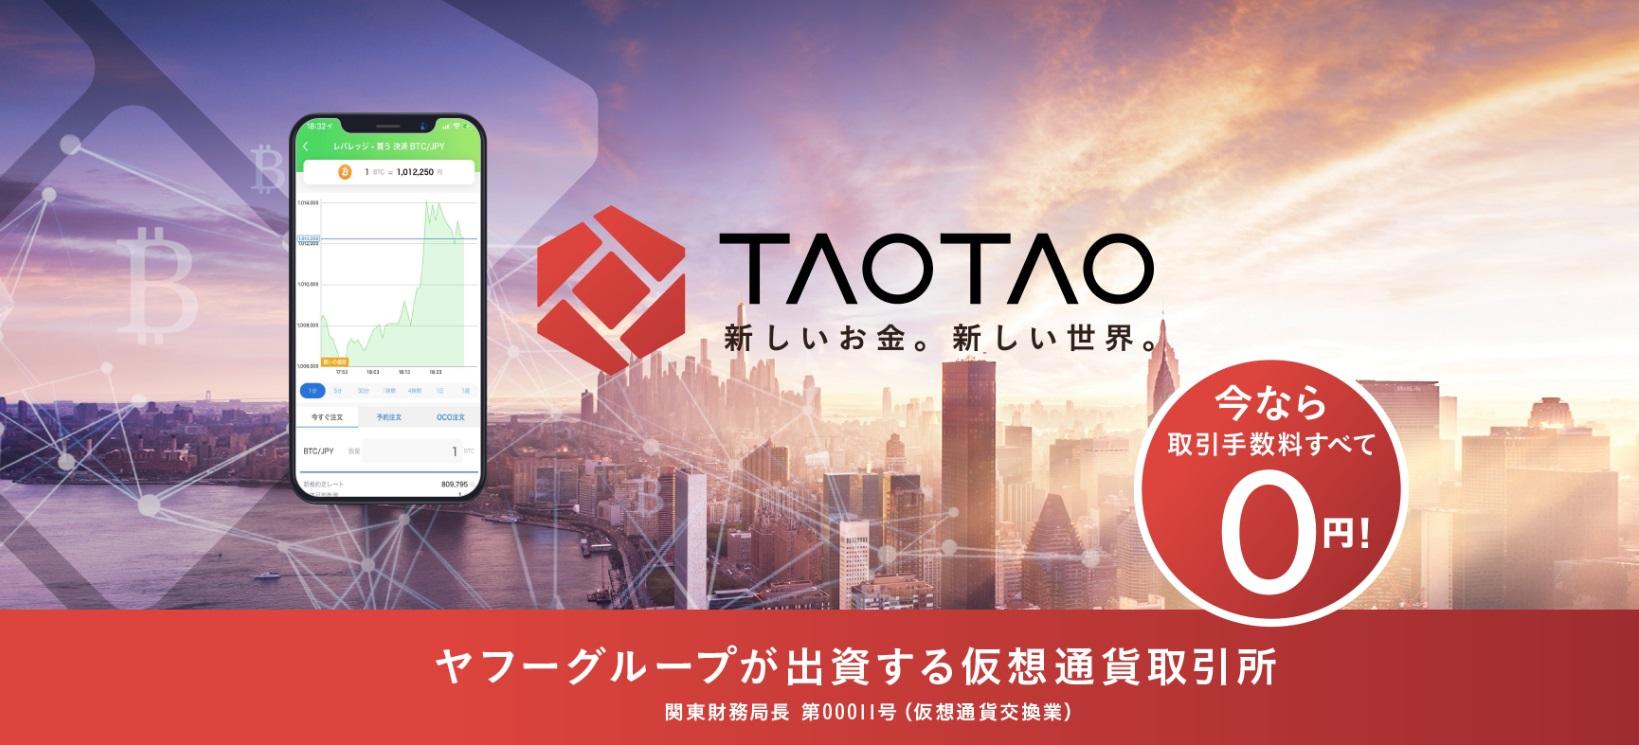 仮想通貨取引所・販売所のTAOTAO(タオタオ)